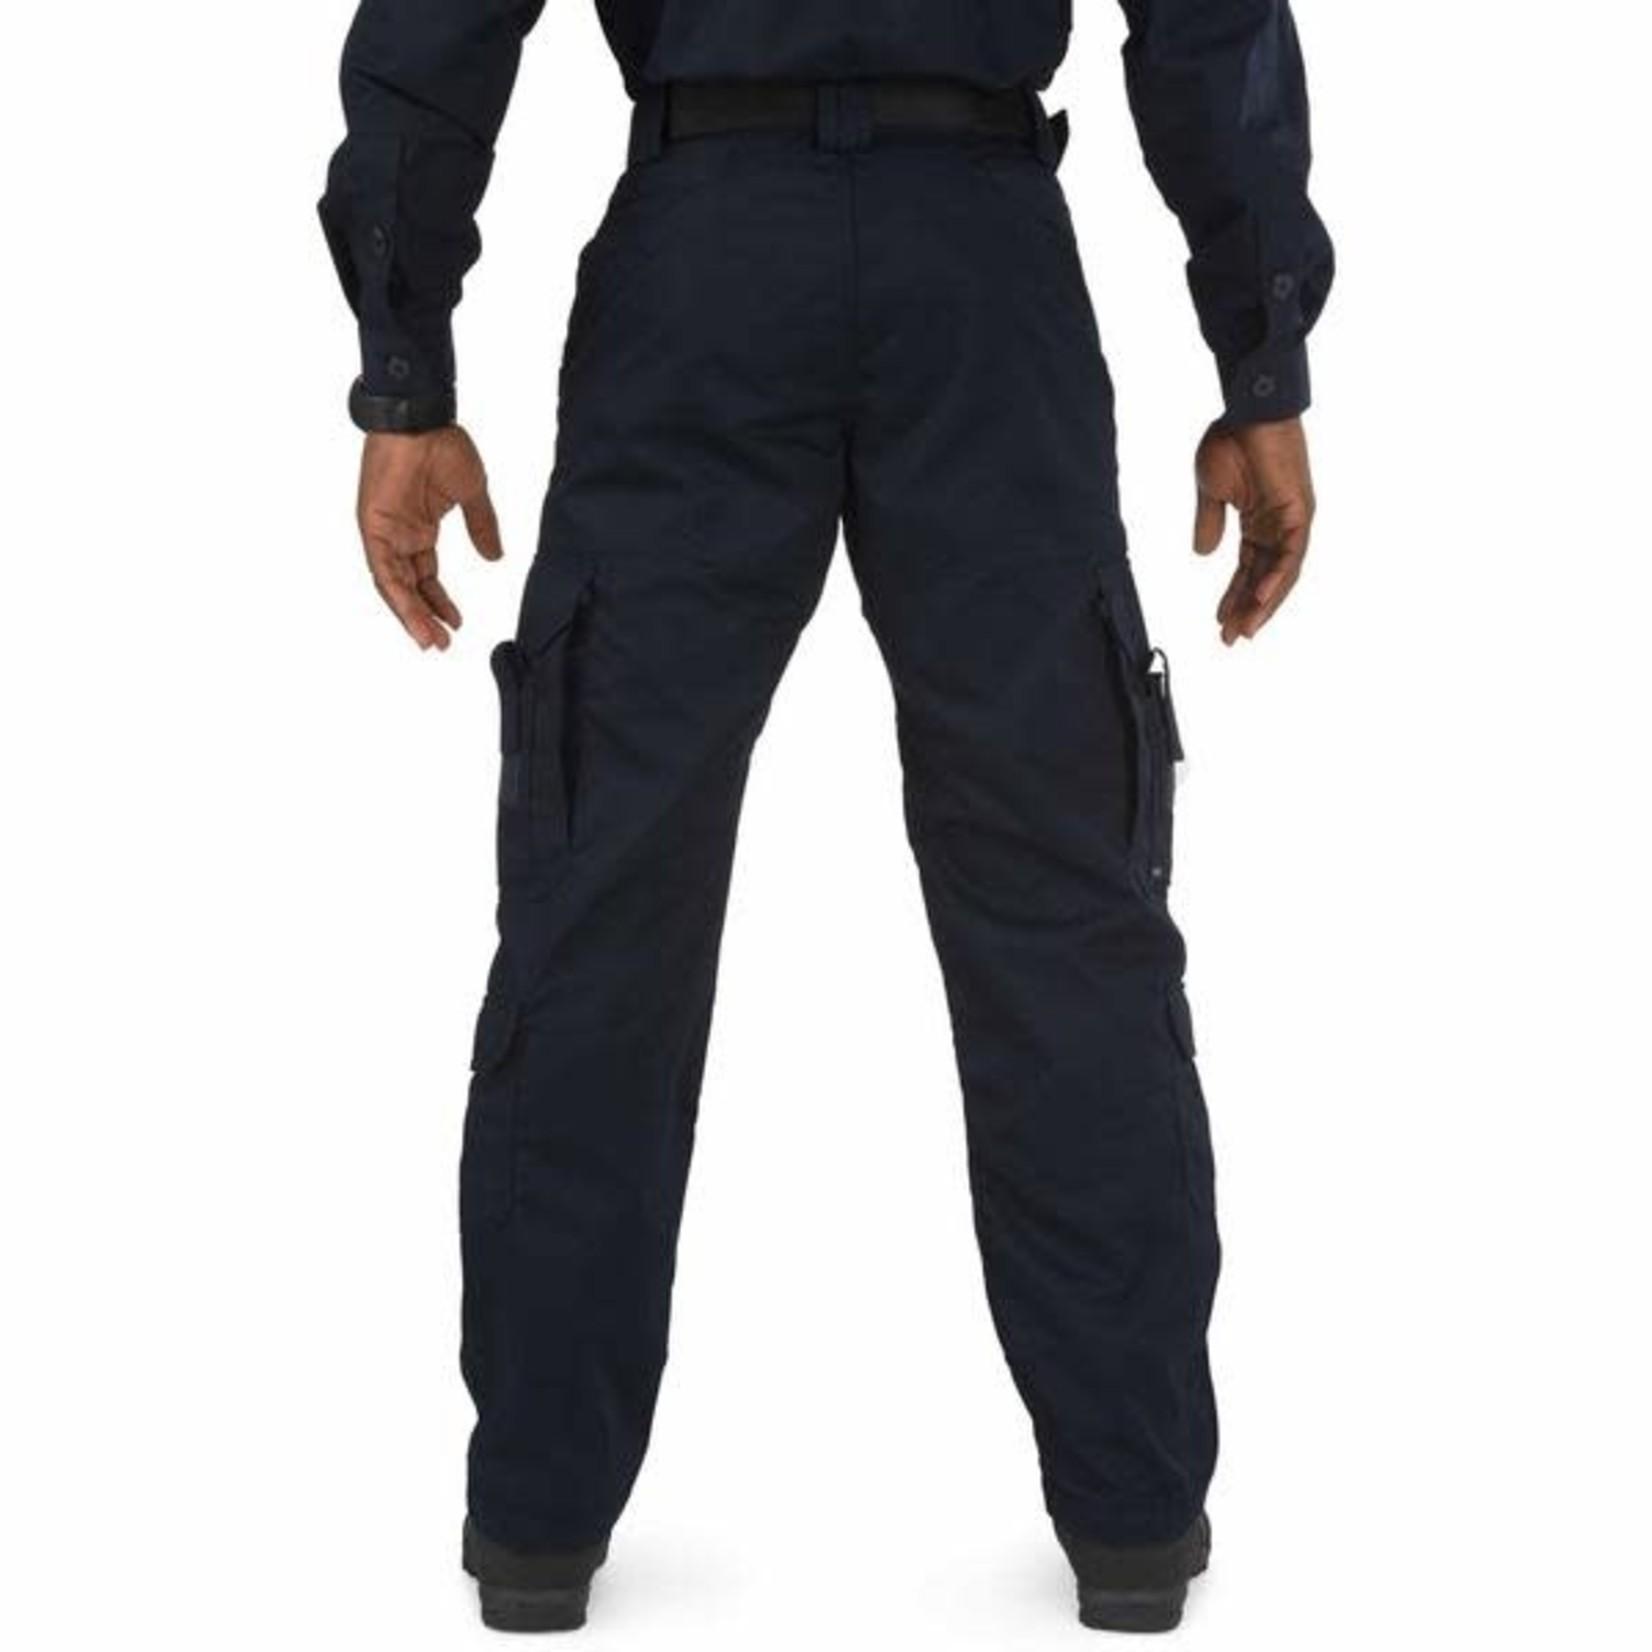 5.11 Tactical 5.11 Men's EMS Pants